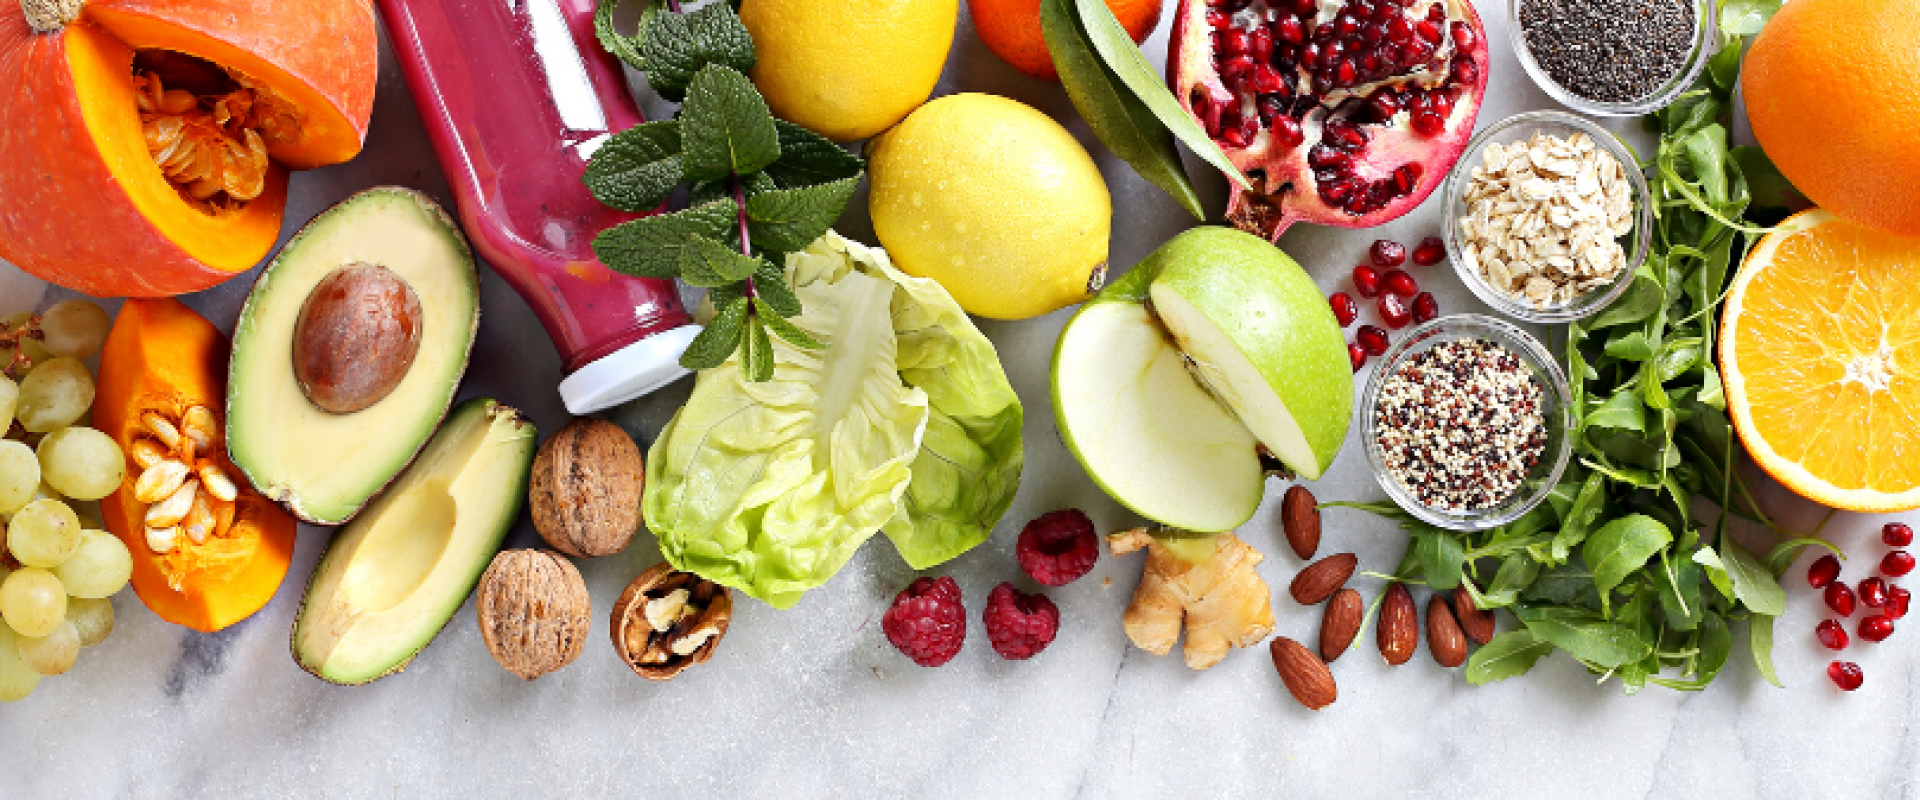 Entenda o que é a dieta plant-based